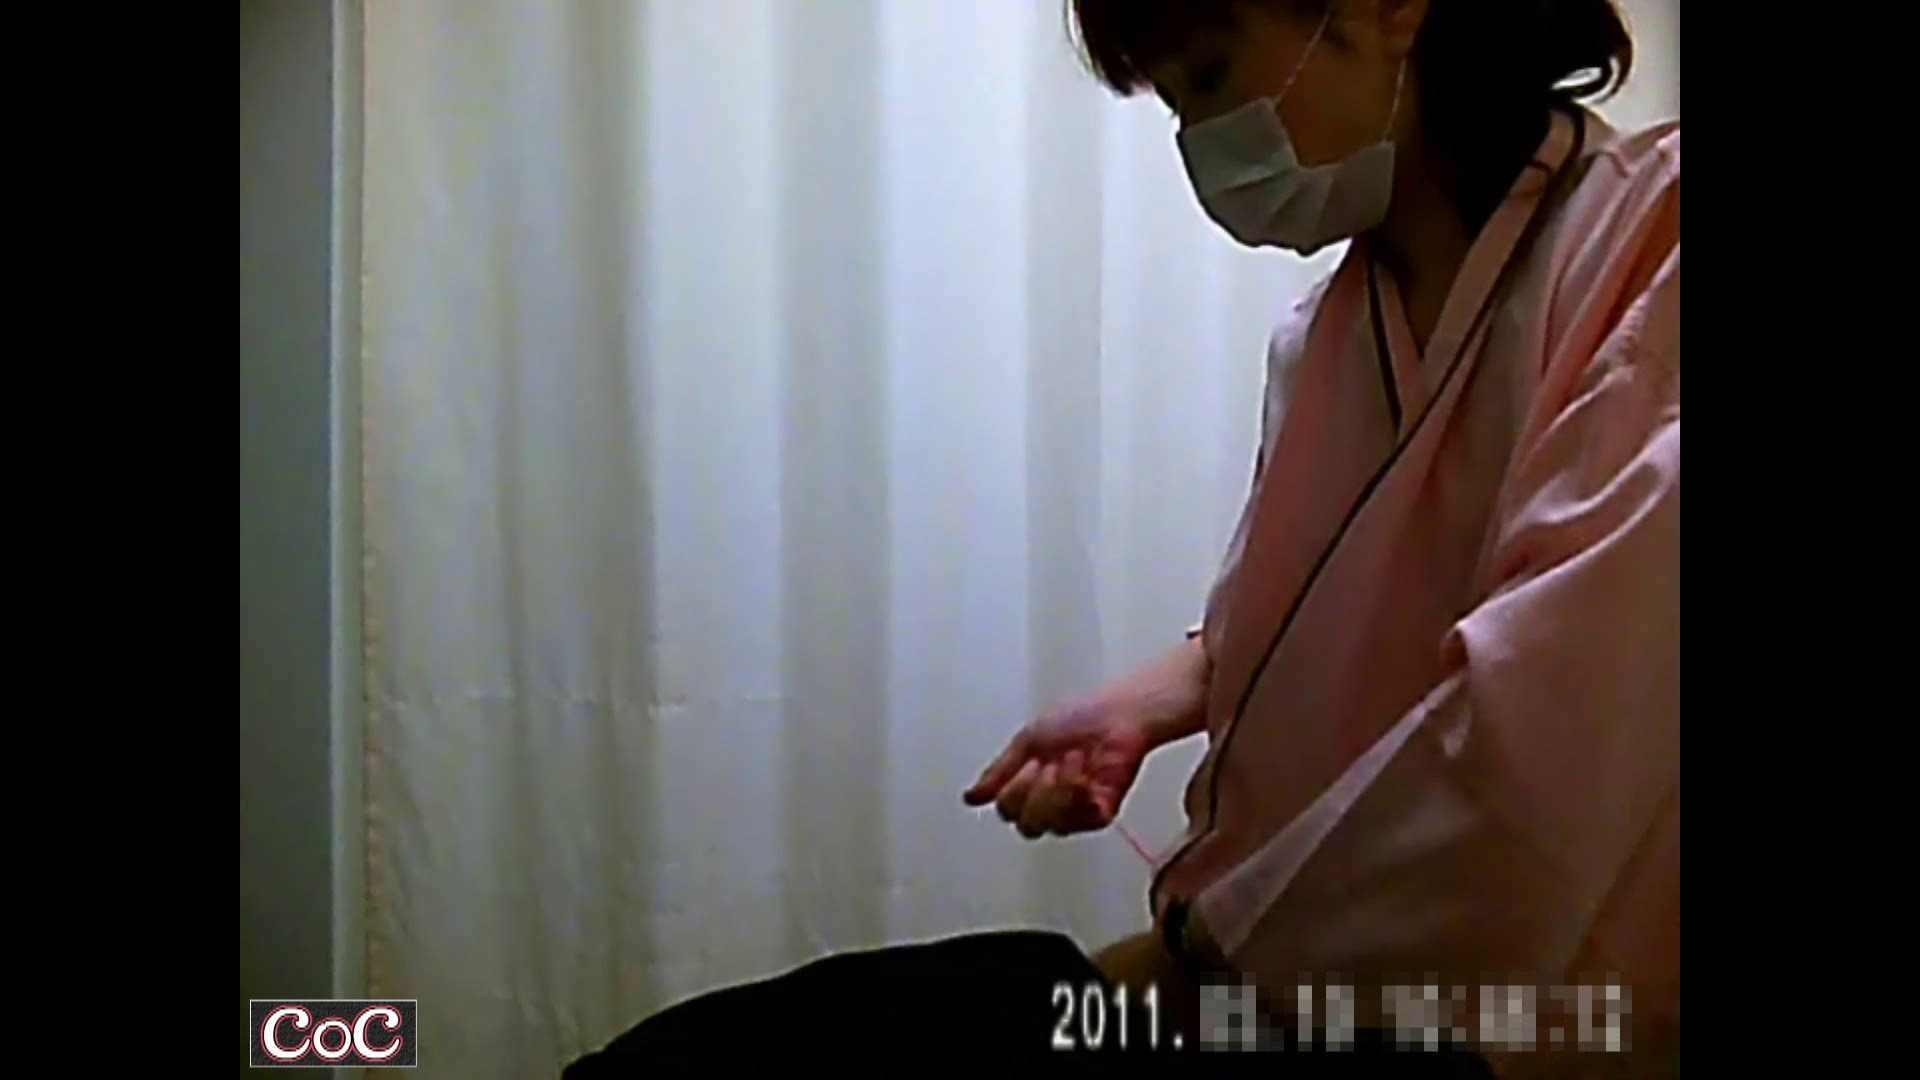 病院おもいっきり着替え! vol.123 着替え AV動画キャプチャ 83連発 12